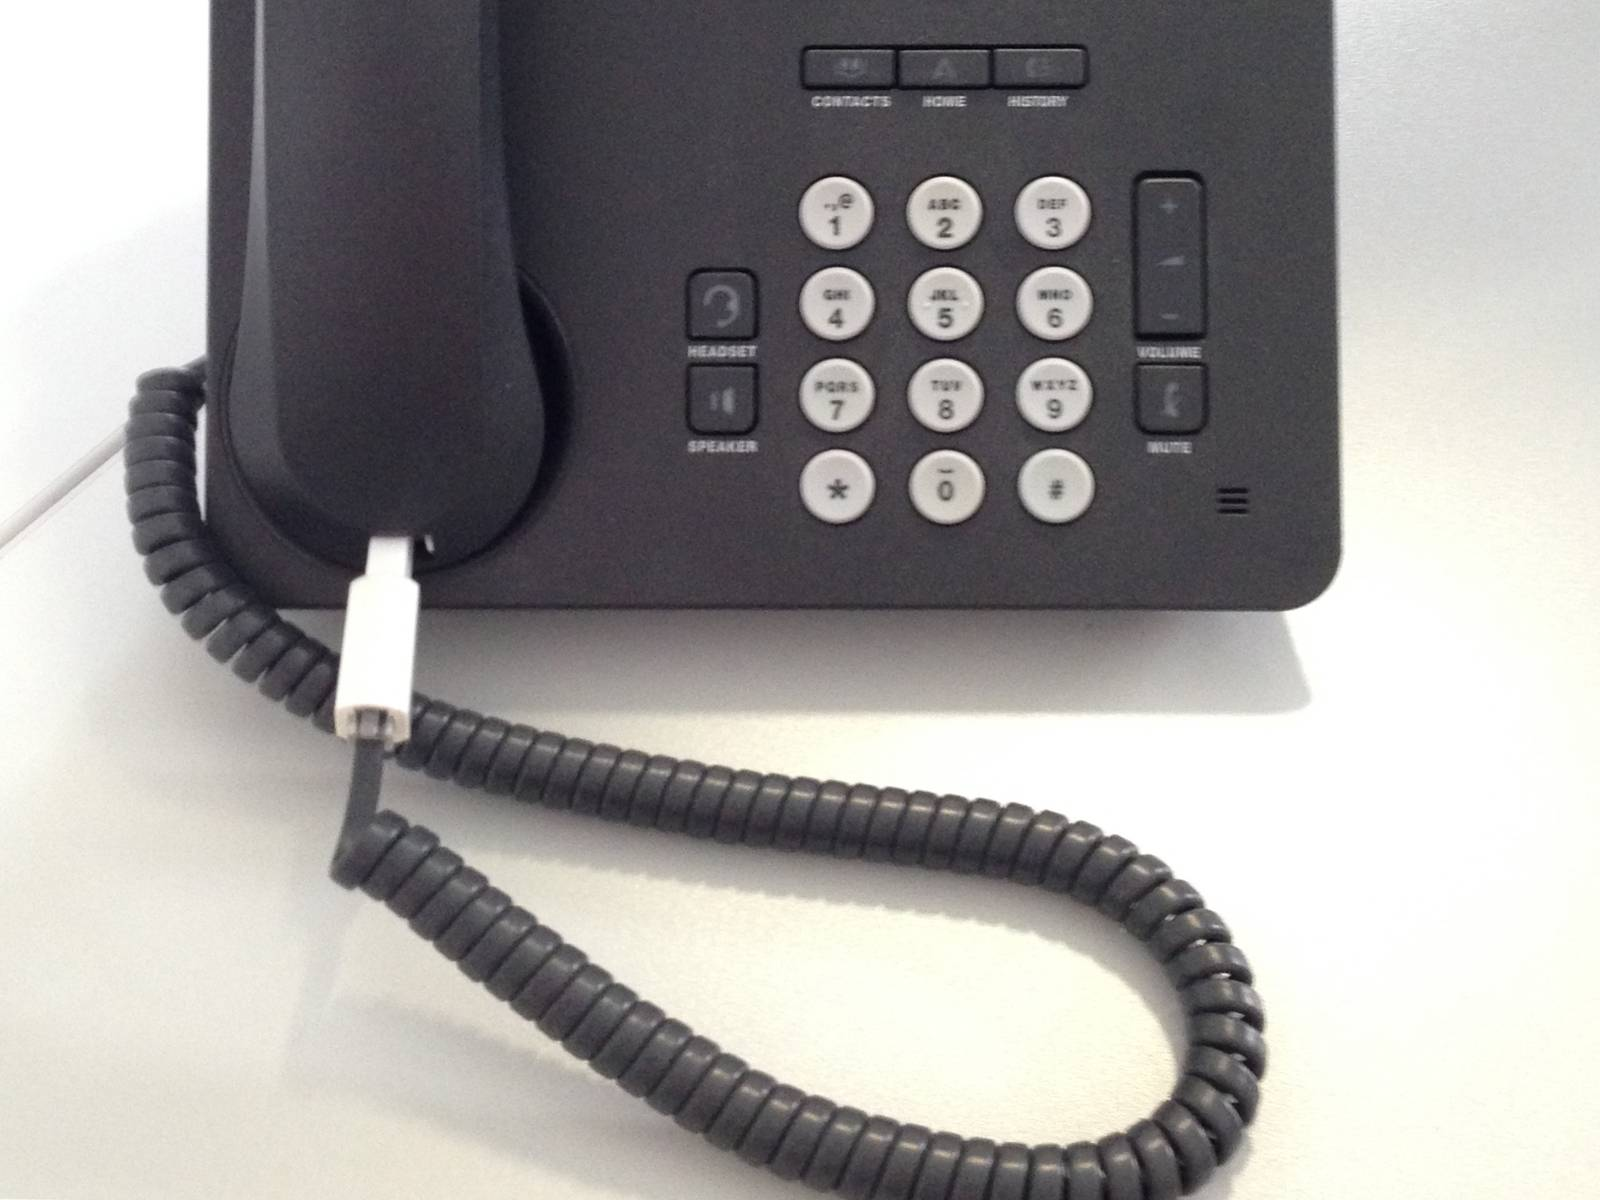 Ein schwarzes altes Telefon mit Tasten und verkabeltem Hörer.